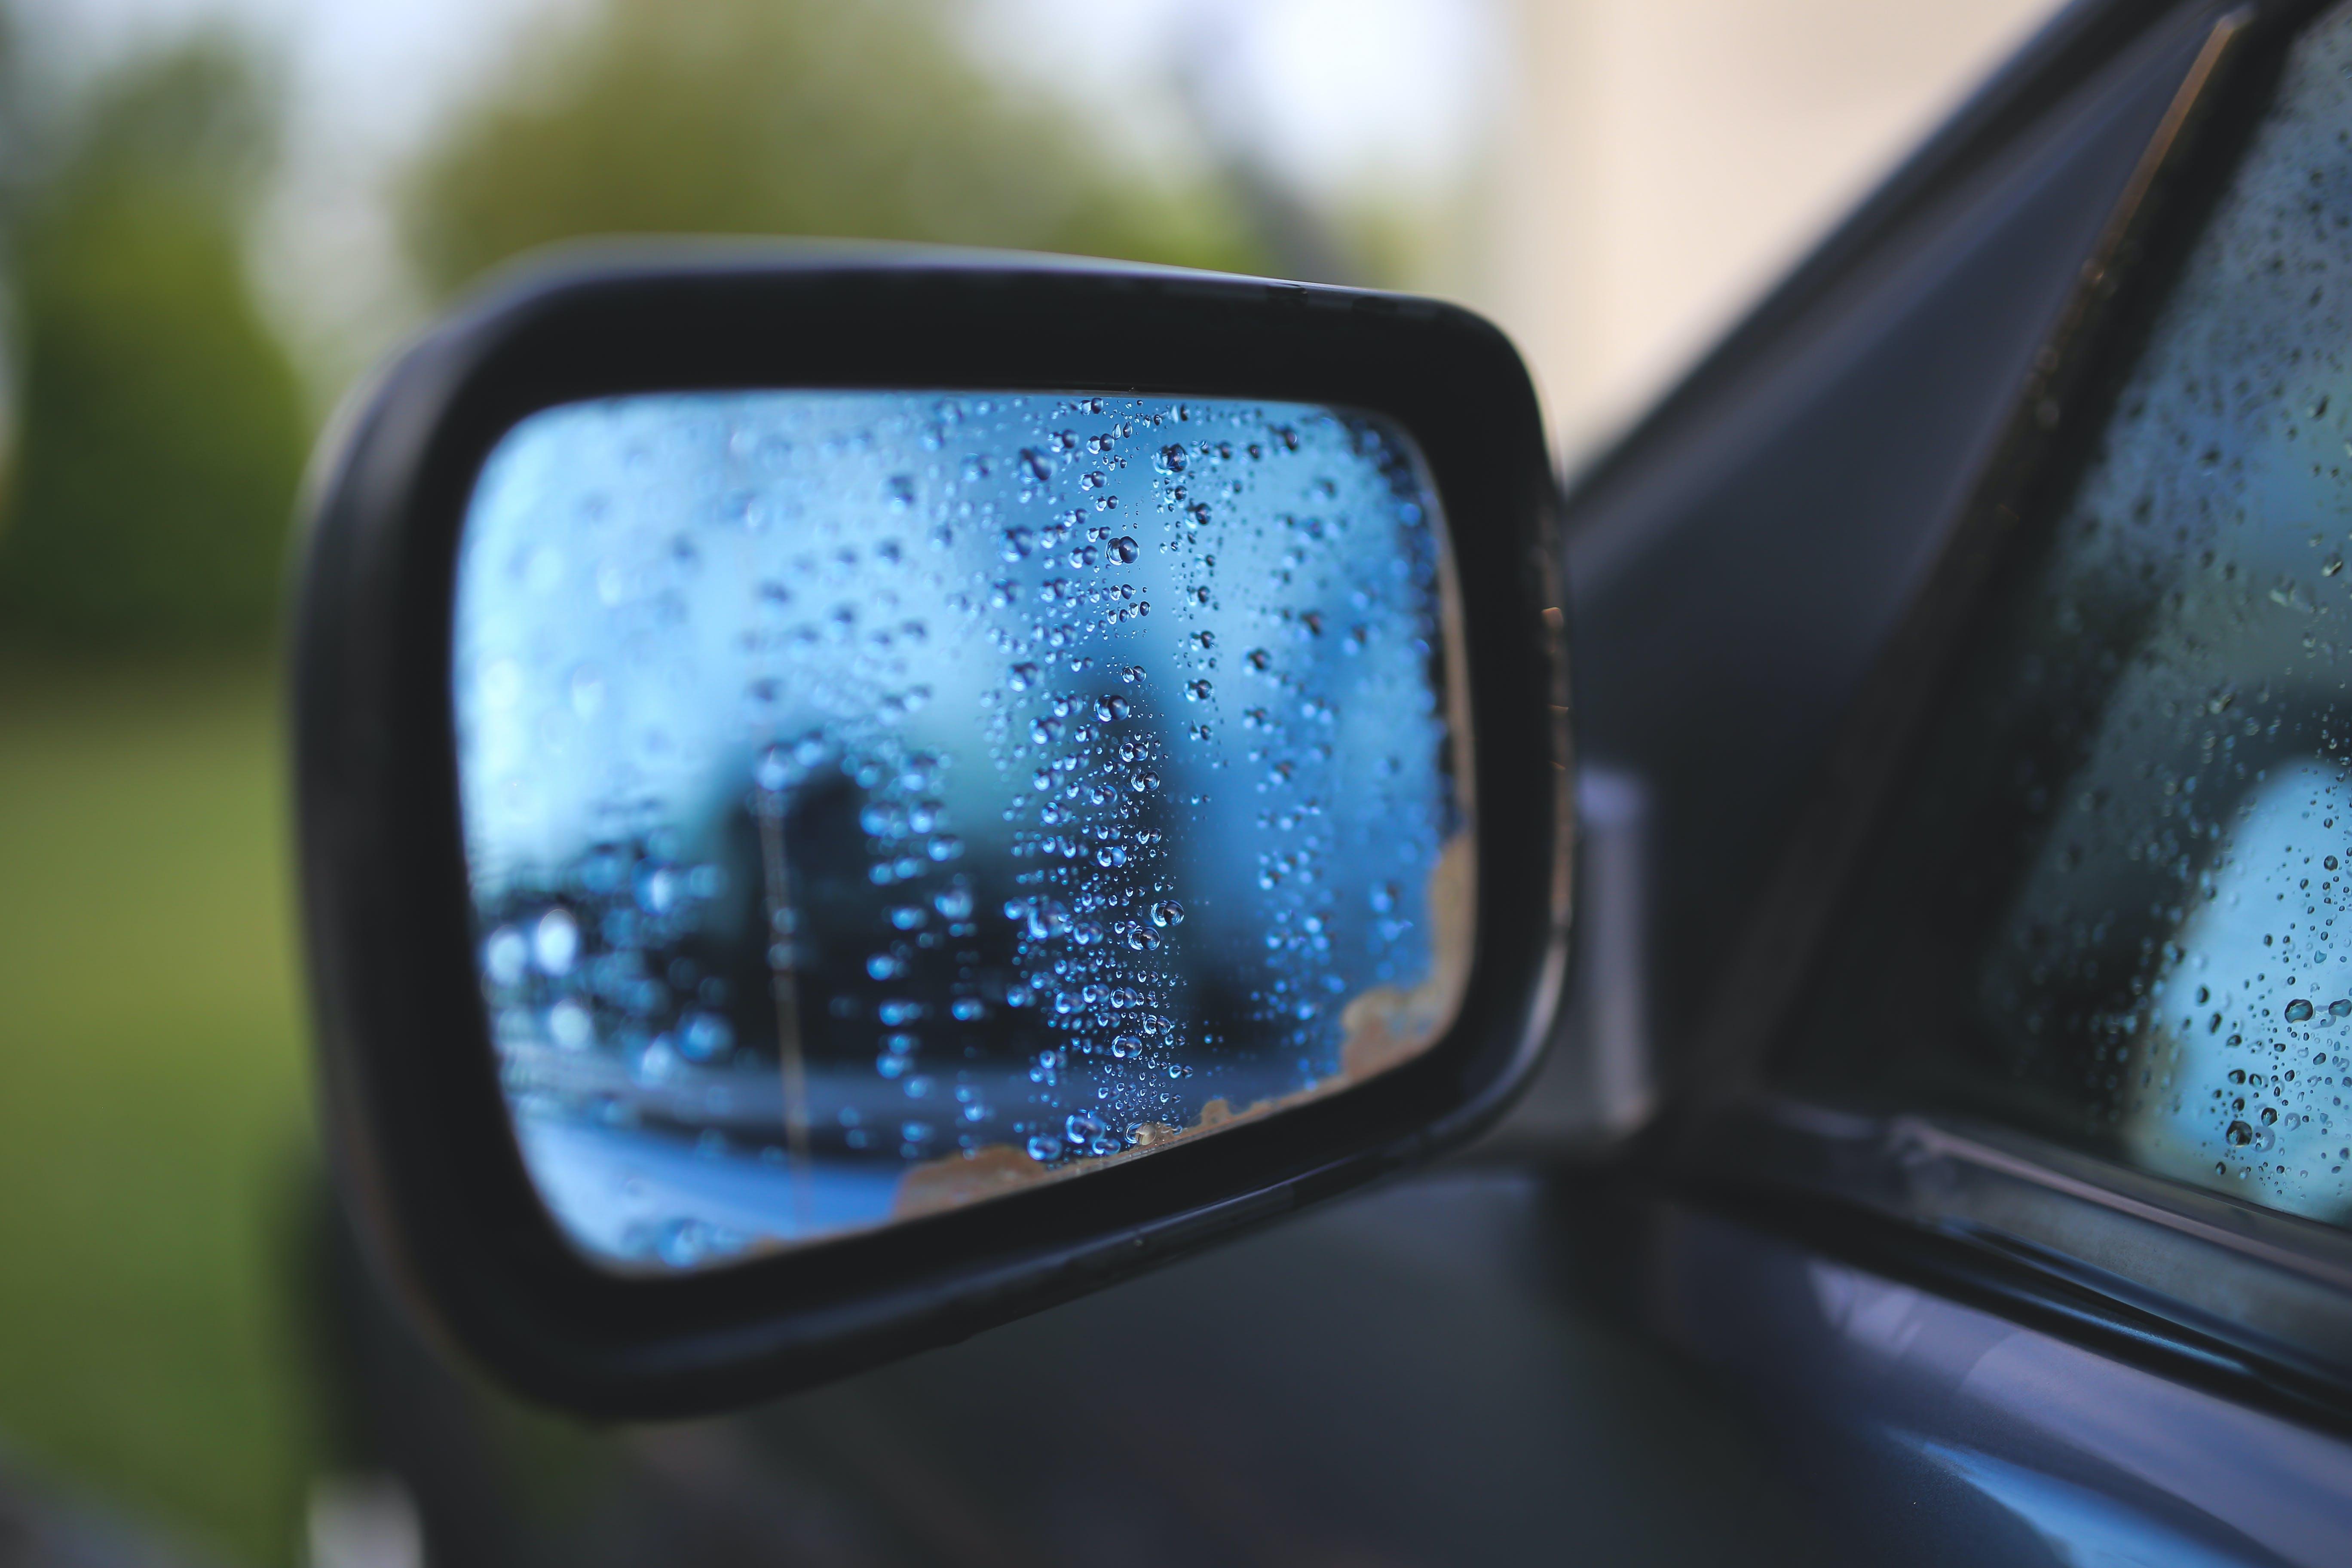 Foto d'estoc gratuïta de cotxe, gotes d'aigua, gotes de pluja, mirall